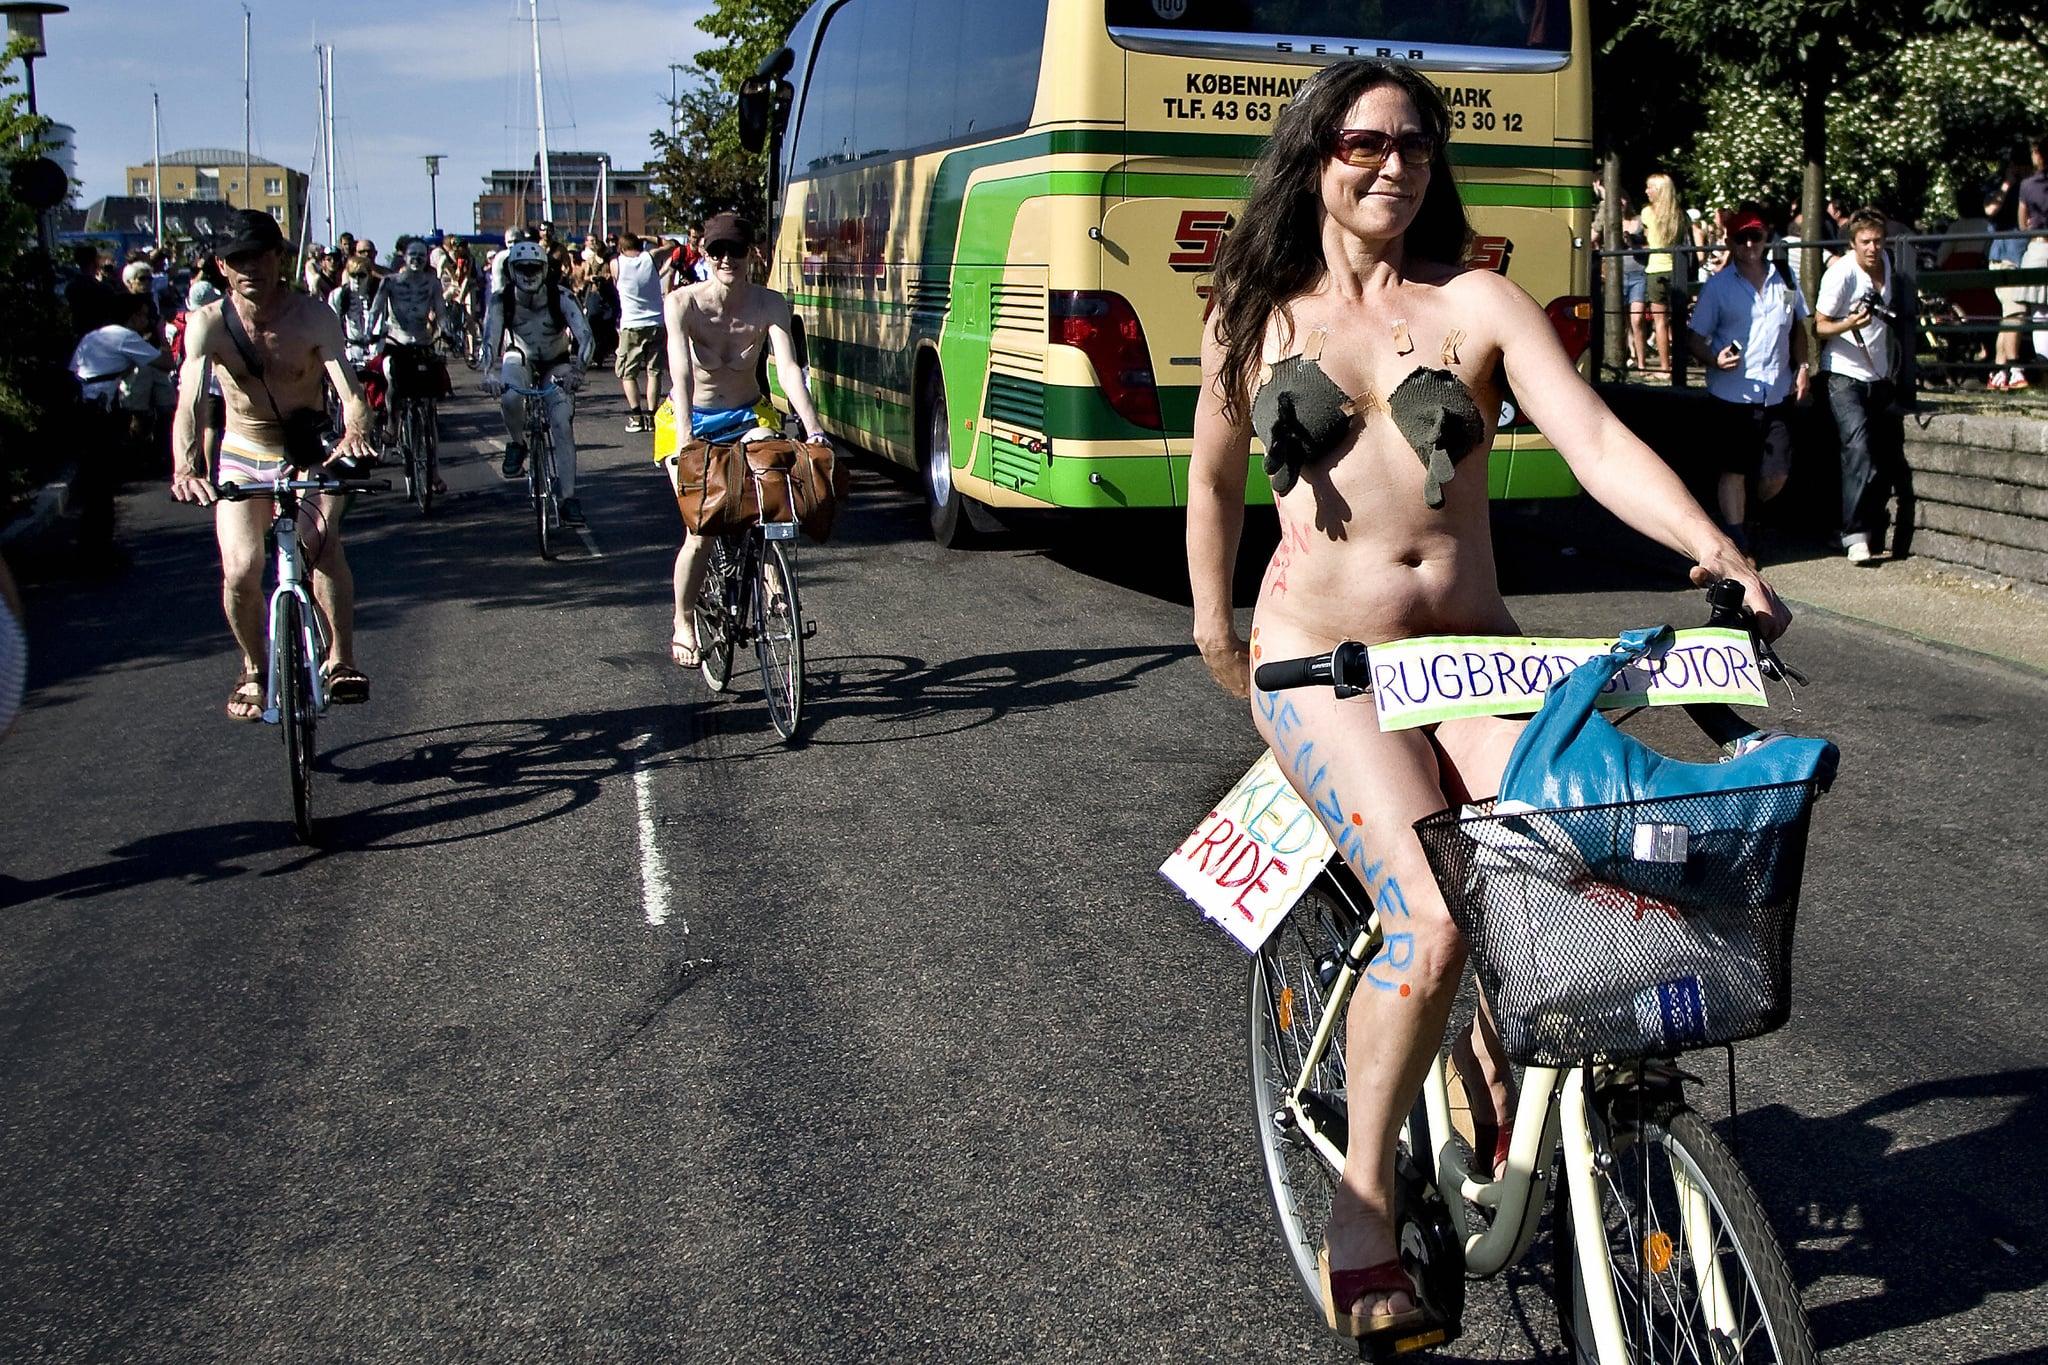 World Naked Biking Day in Copenhagen, Denmark.